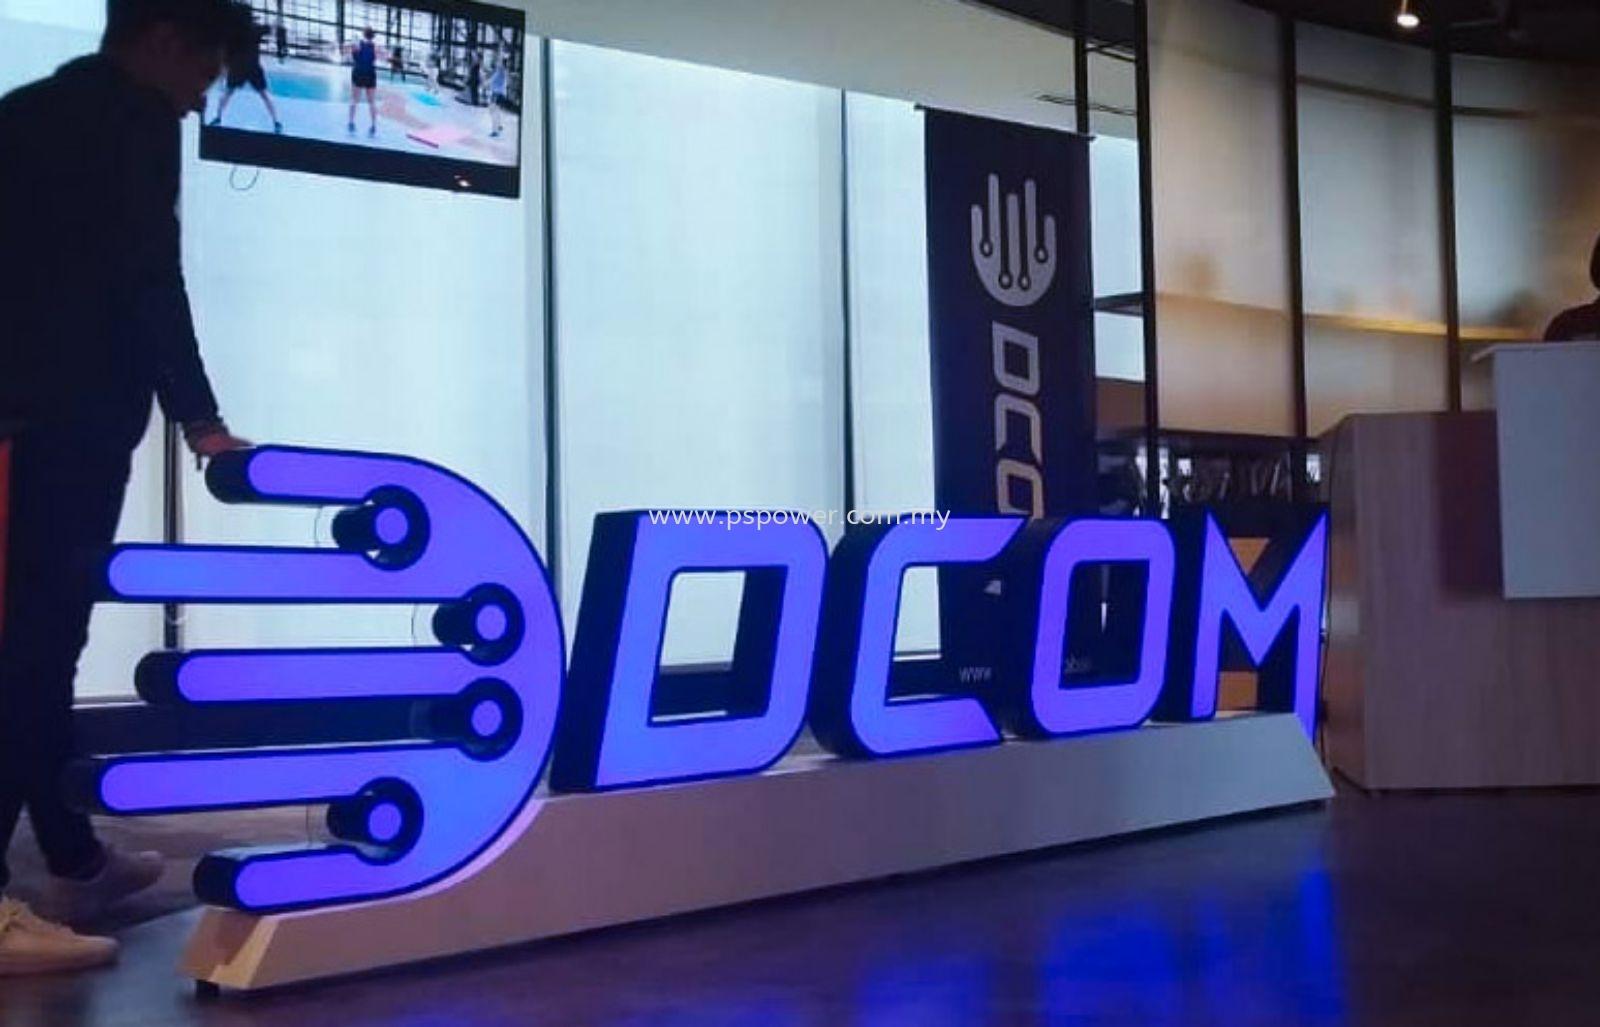 LED Front Lit Signage - Floor Standing Logo Display